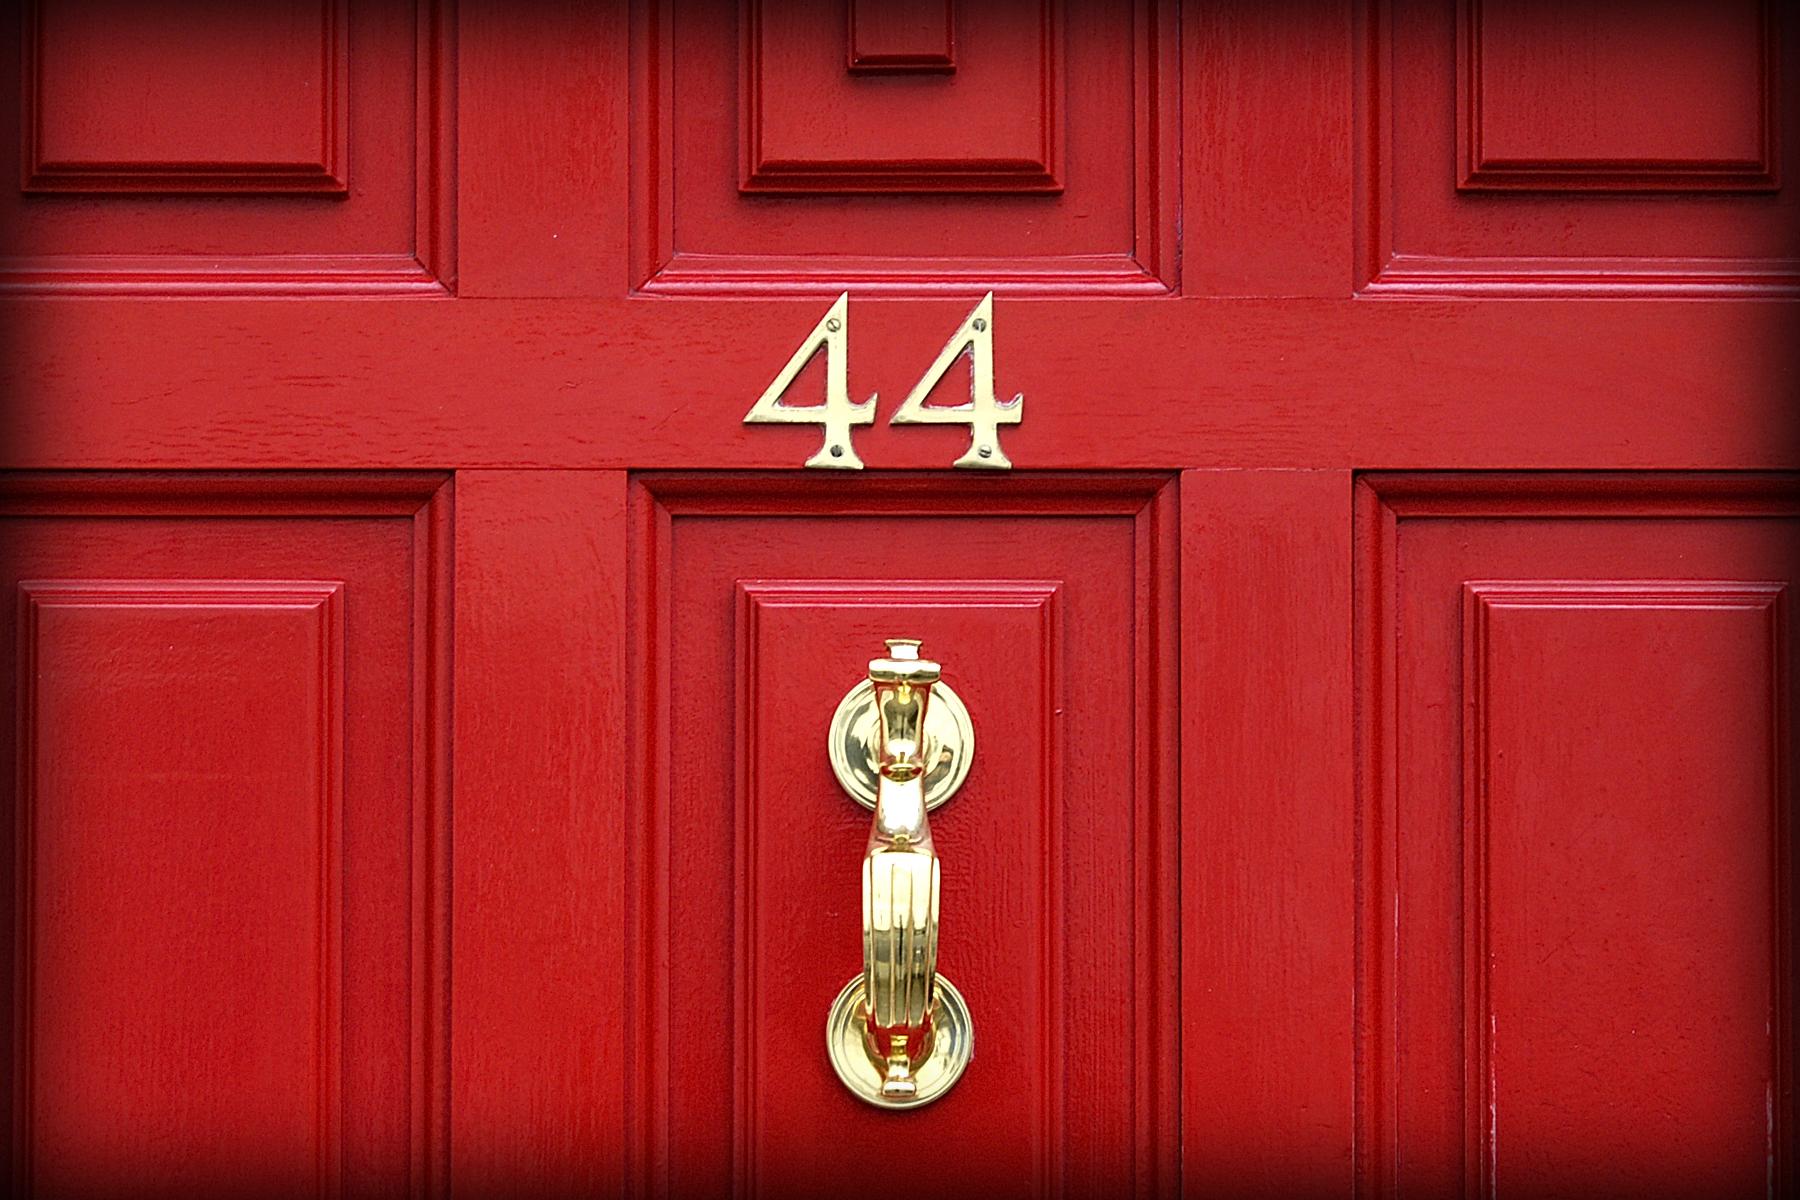 FileRed door no 44 (256707710).jpg & File:Red door no 44 (256707710).jpg - Wikimedia Commons pezcame.com